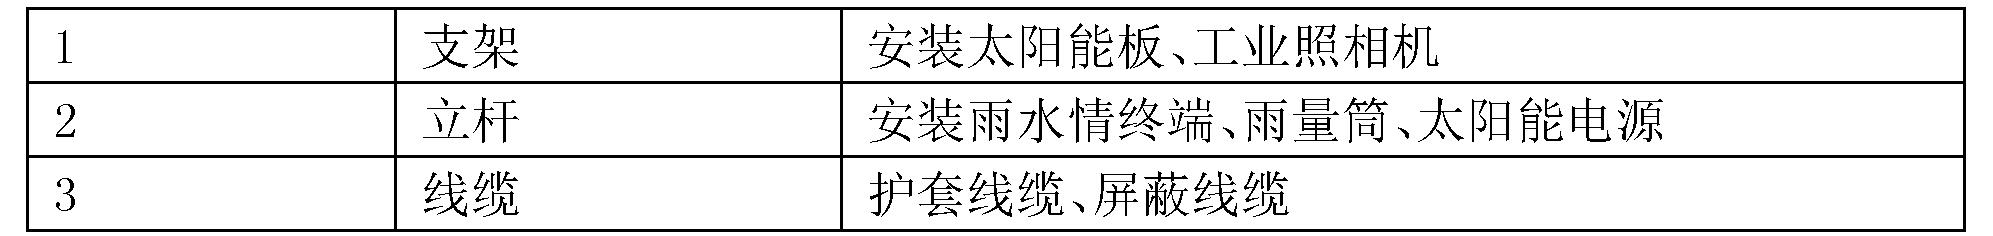 Figure CN104092750BD00112